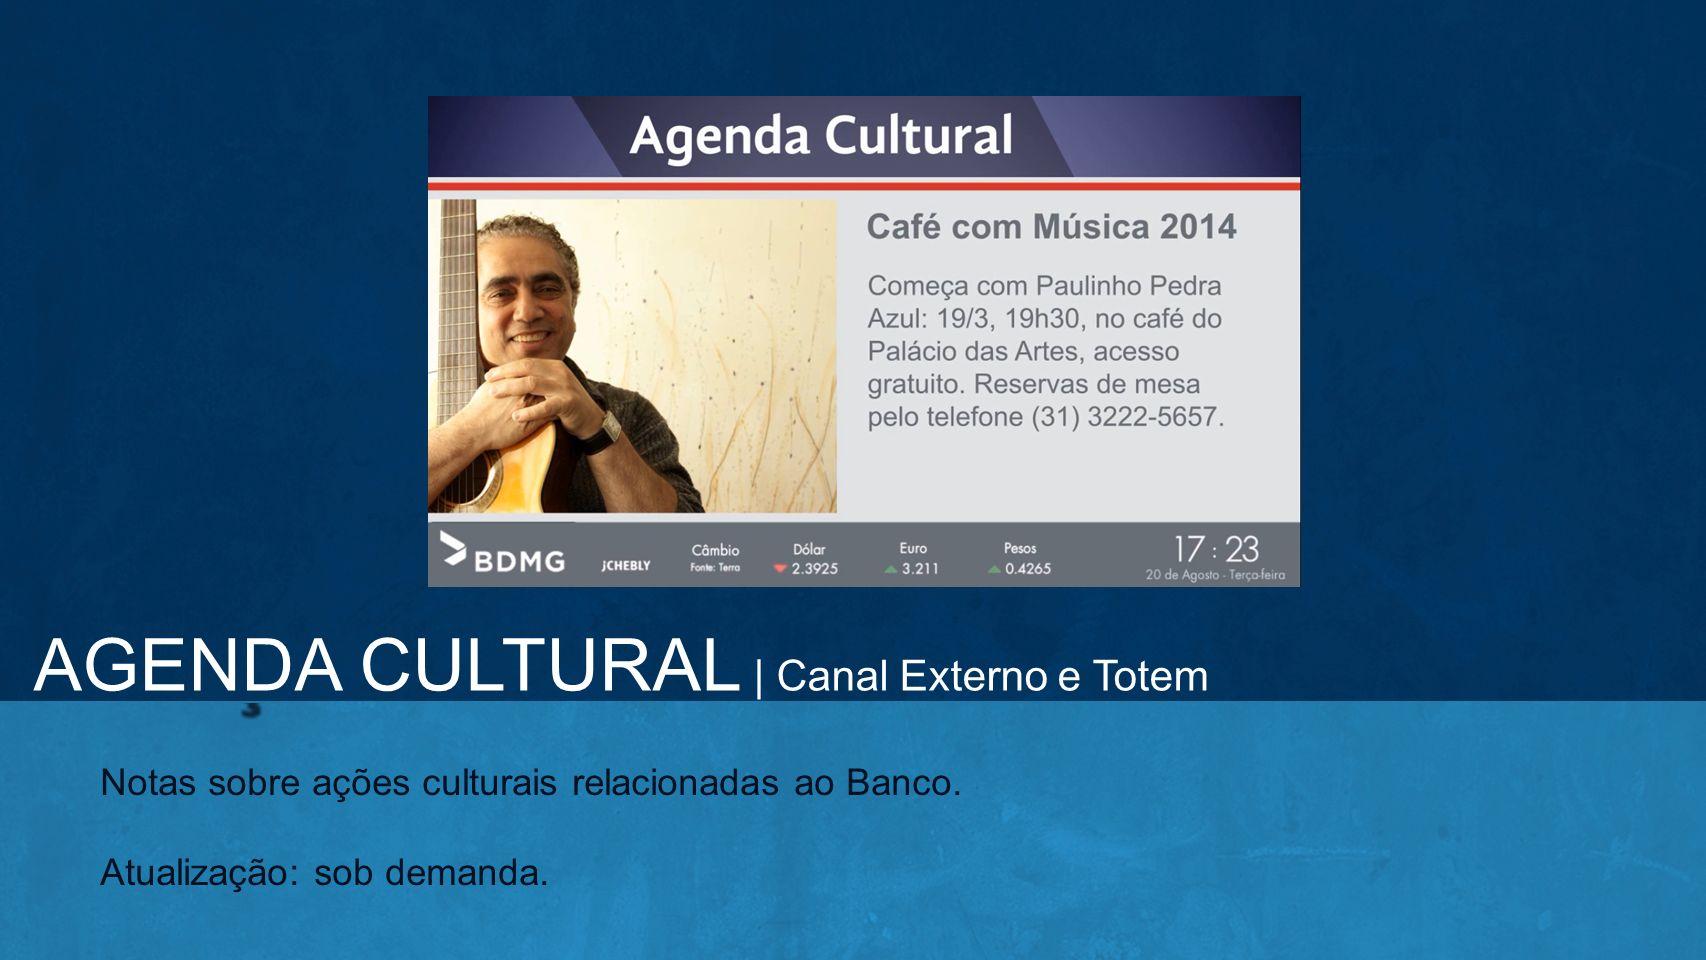 Notas sobre ações culturais relacionadas ao Banco. Atualização: sob demanda. AGENDA CULTURAL | Canal Externo e Totem